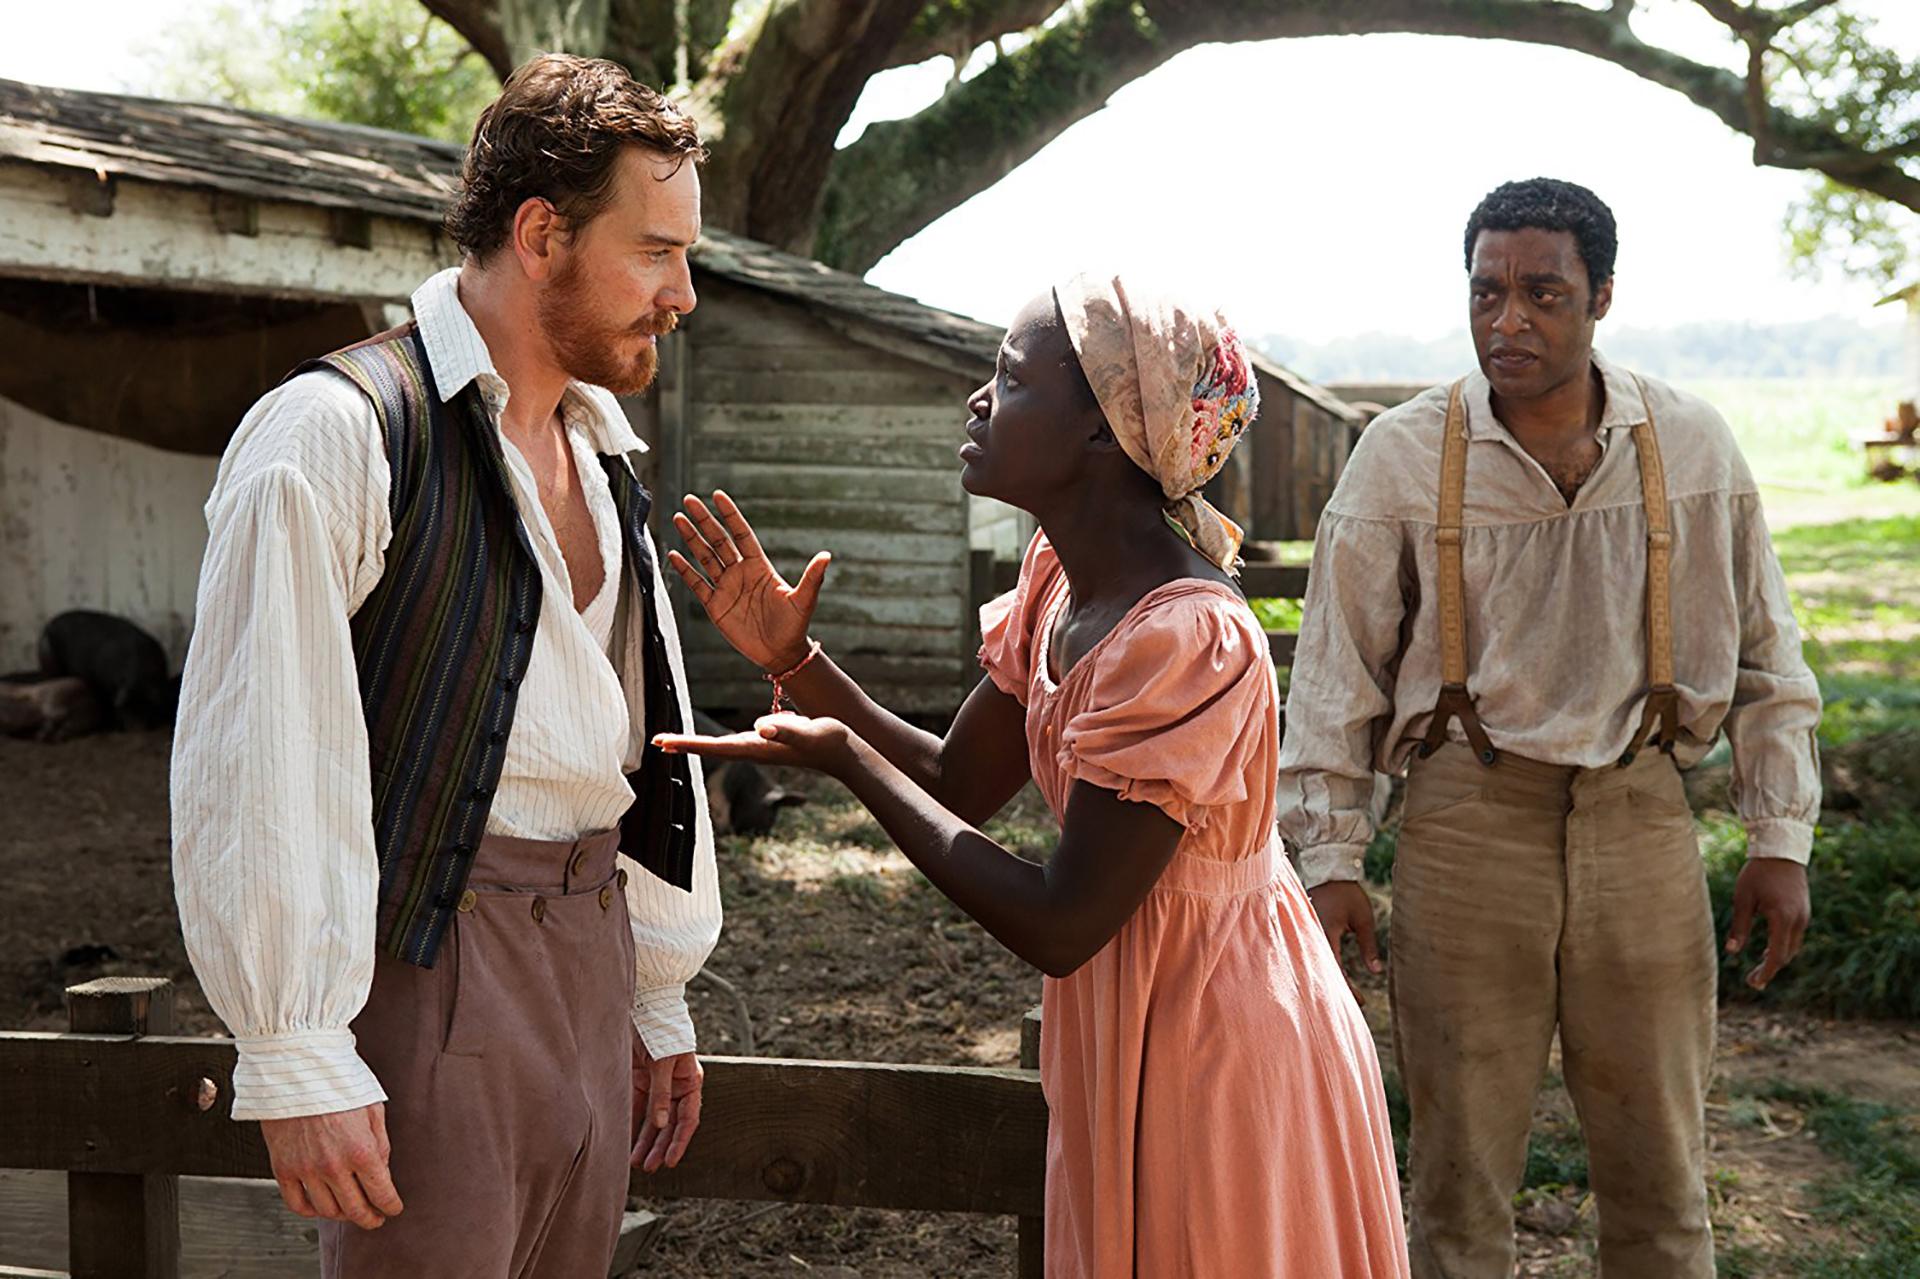 12 años de esclavitud (2014) – 71ª edición.Dirigida por Steve McQueen.Ganóun Globo de Orocomo mejor película dramática